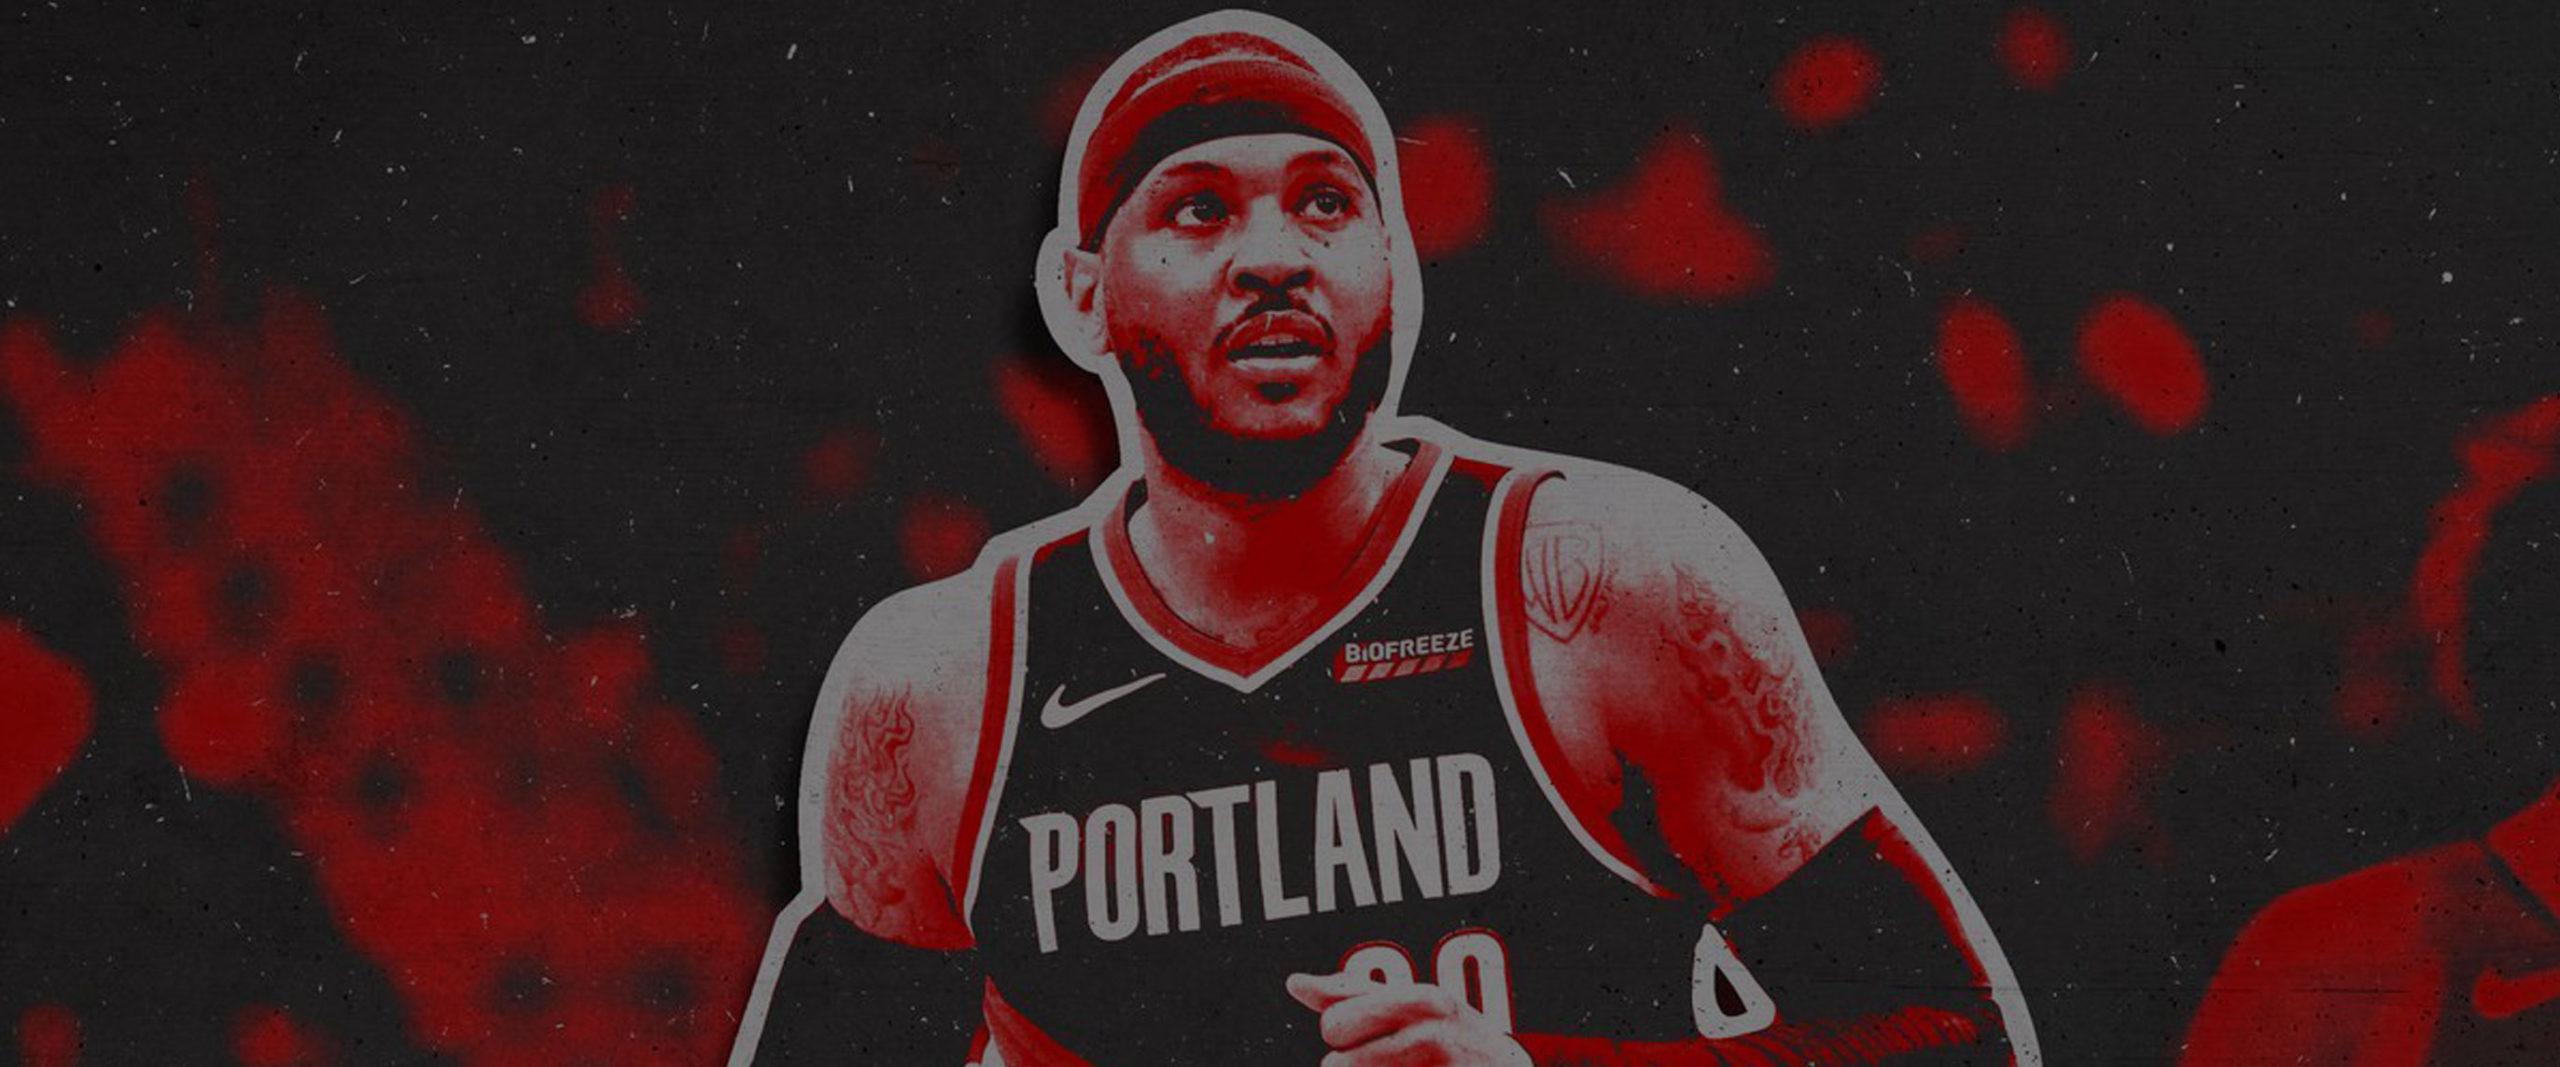 Carmelo Anthony NBA sztár és befektető